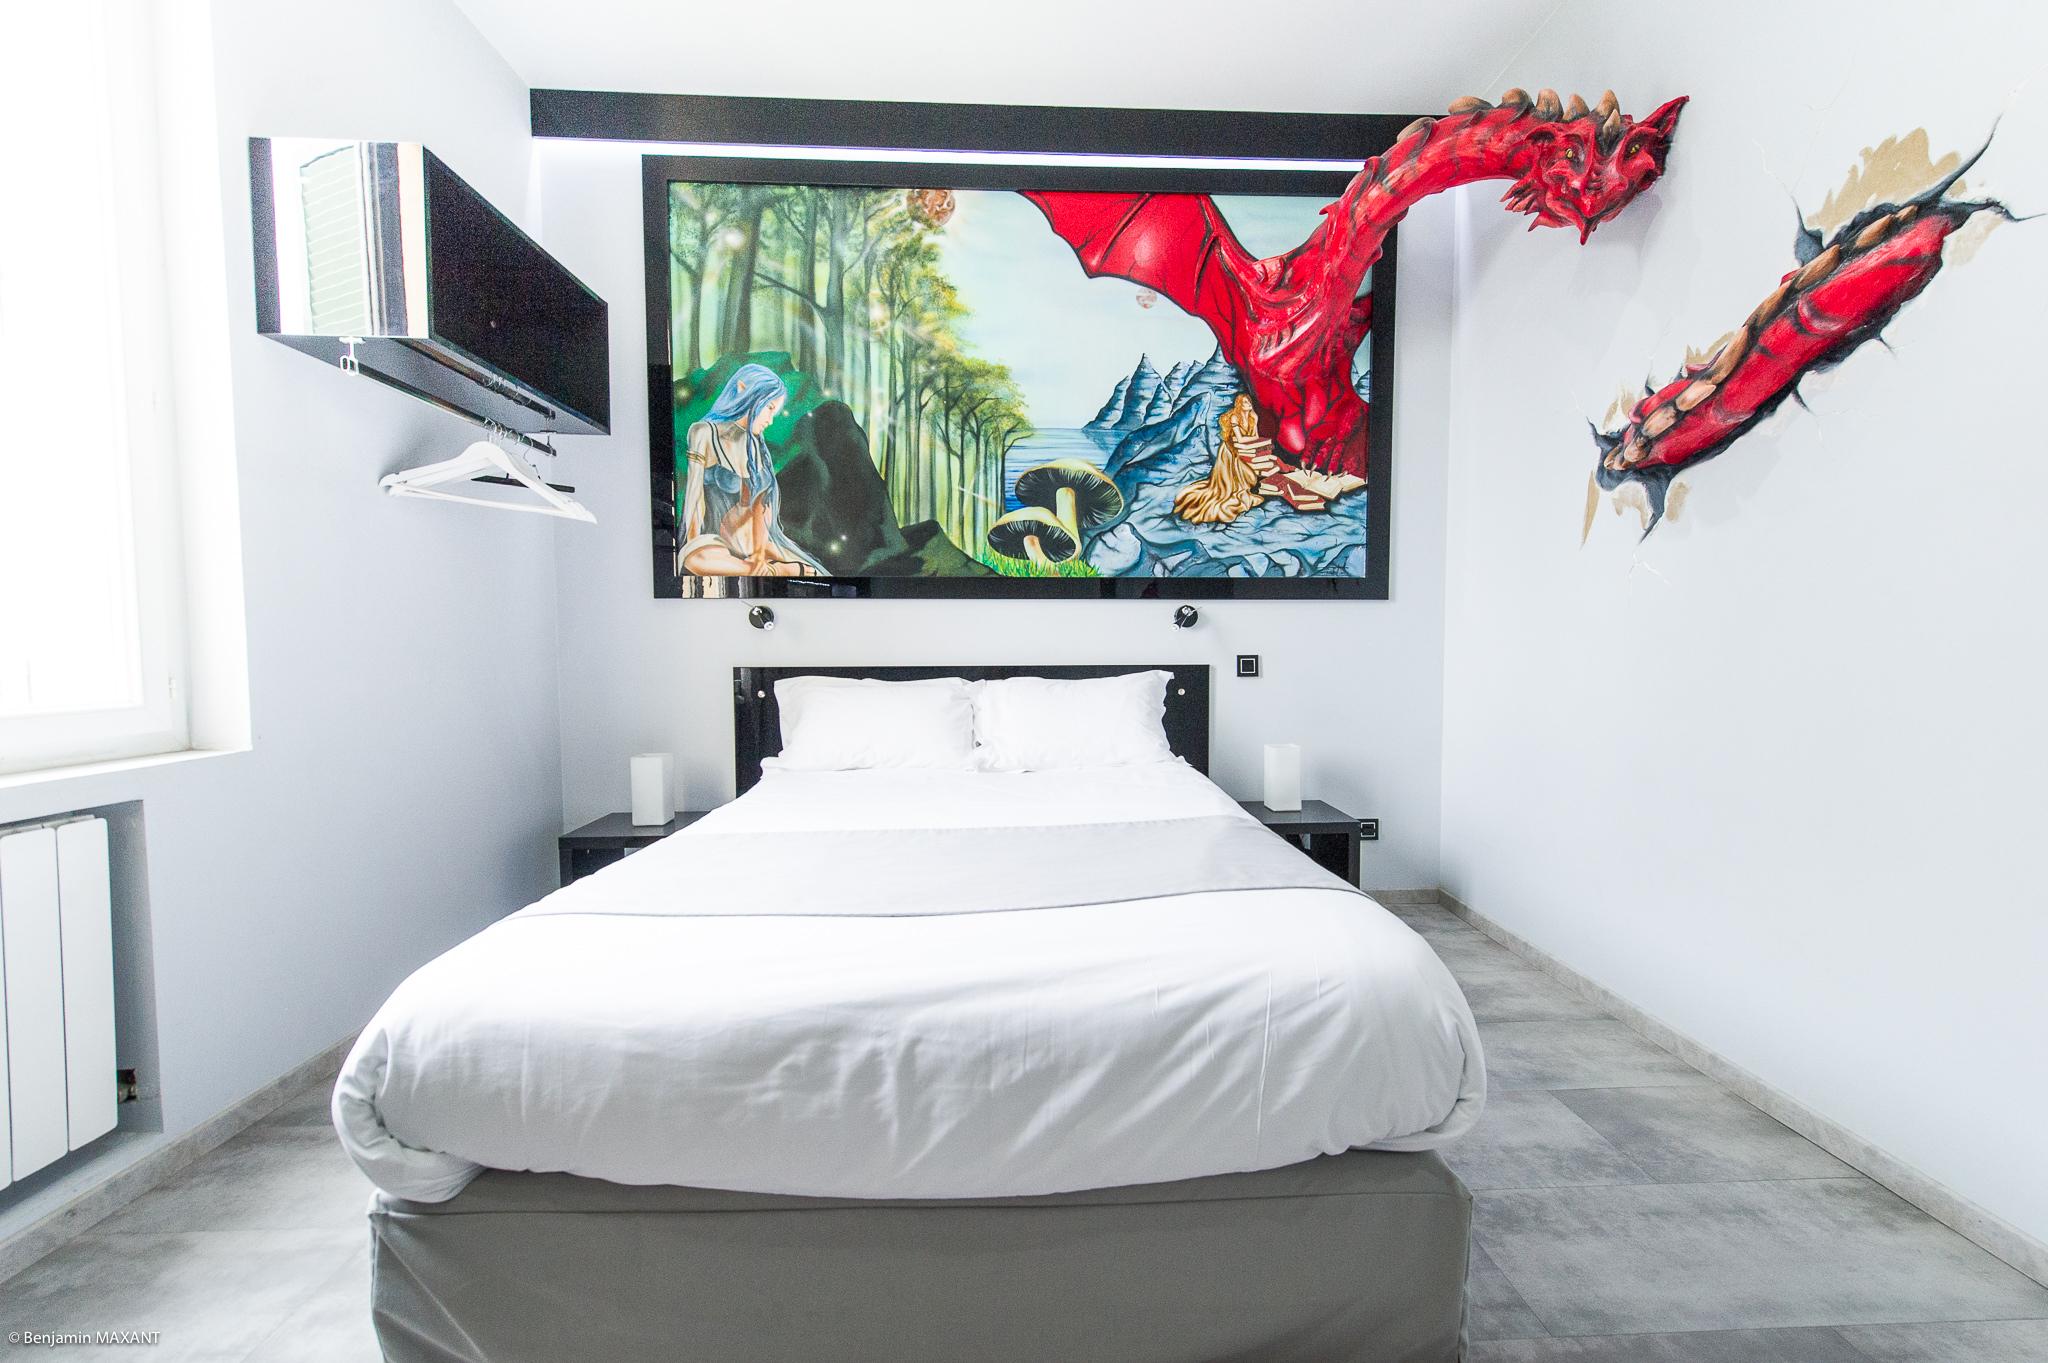 Reportage photo immobilier - Hôtel Idéal - chambre féérique avec un dragon